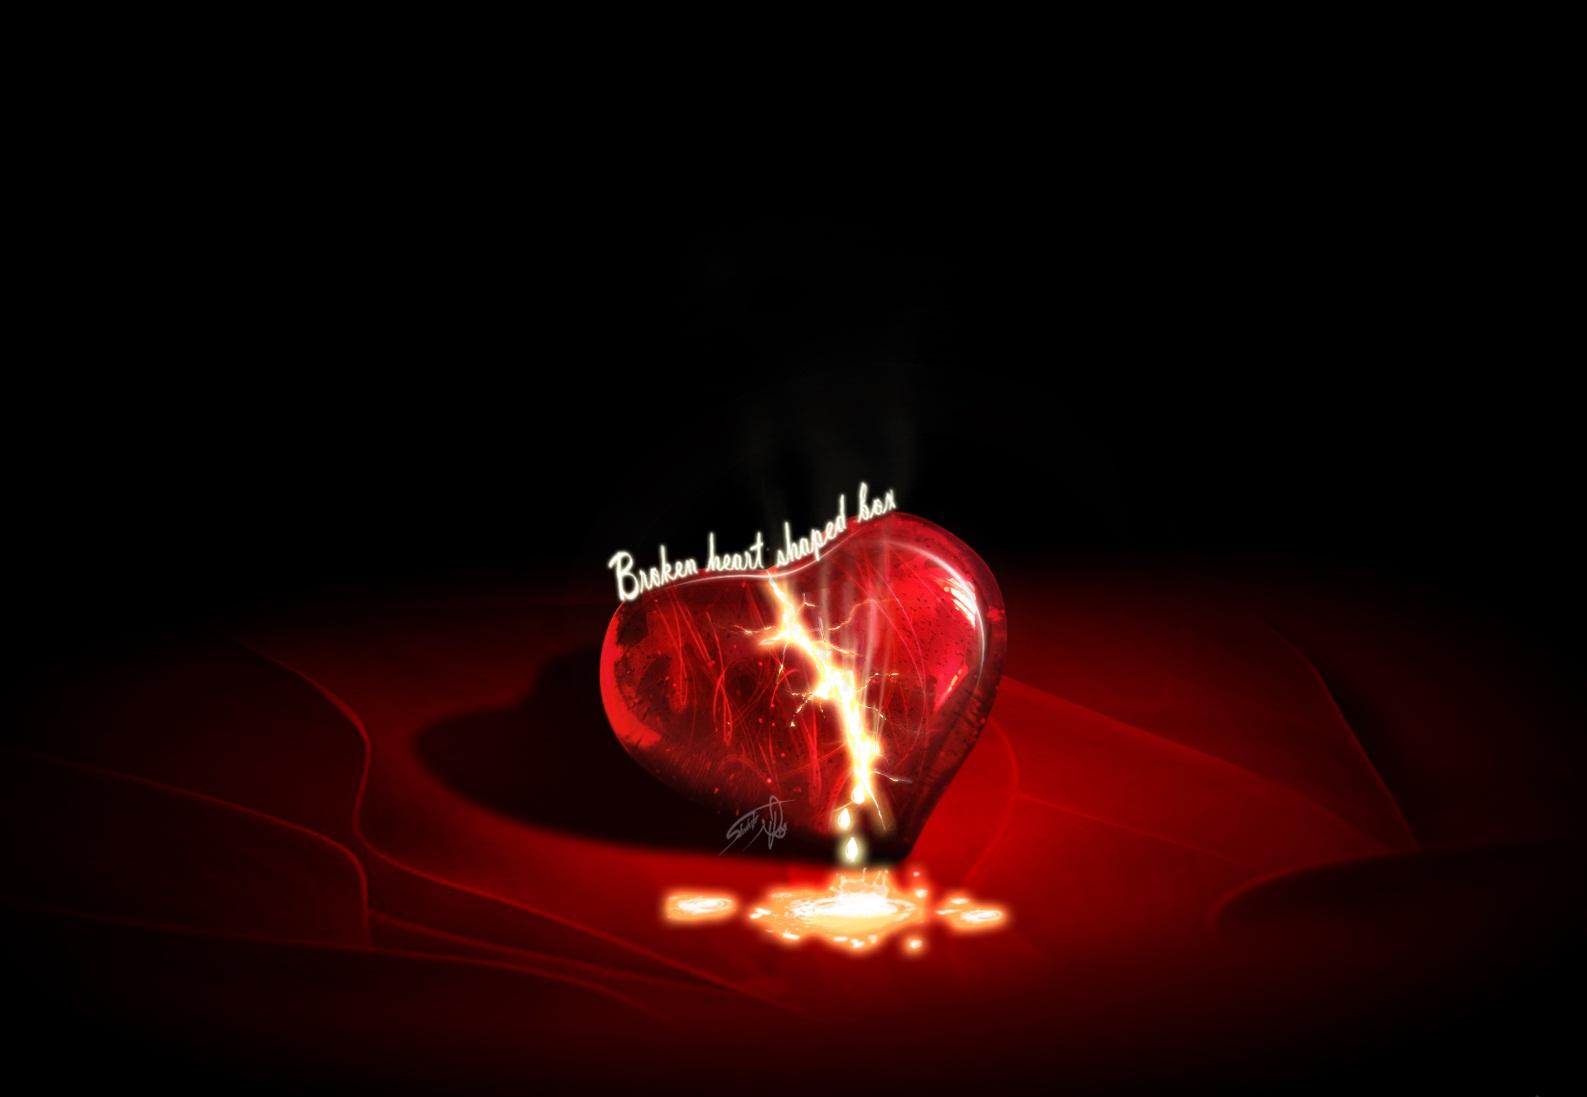 Heart In Love Wallpaper Hd: Heart Broken Wallpapers HD